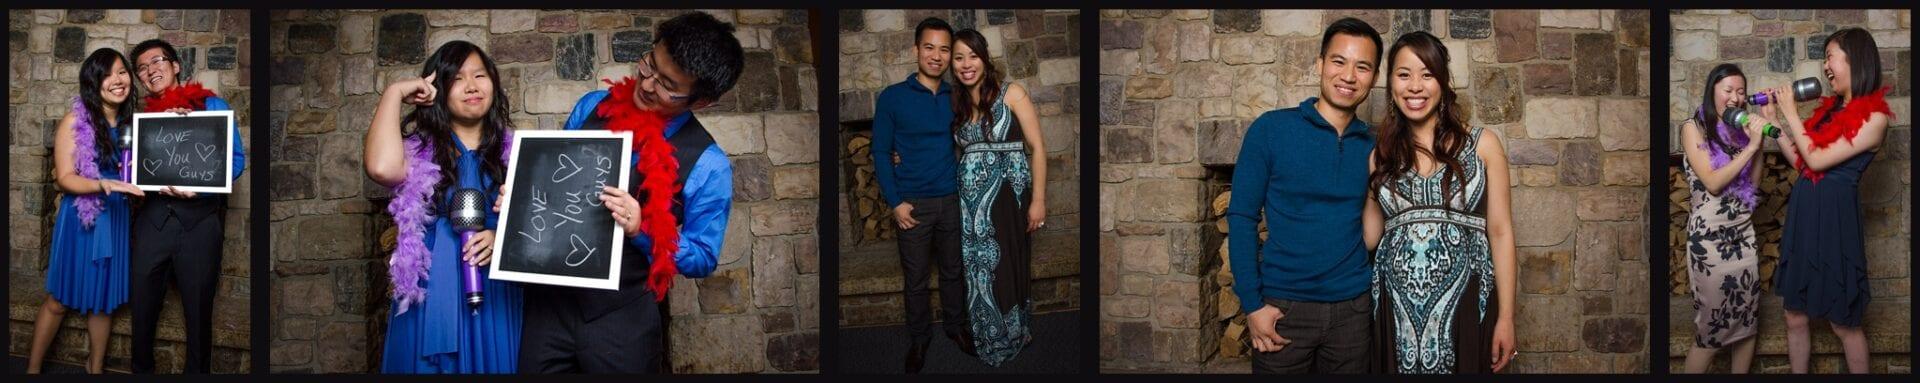 Edmonton-Wedding-photo-booth-Photography-117